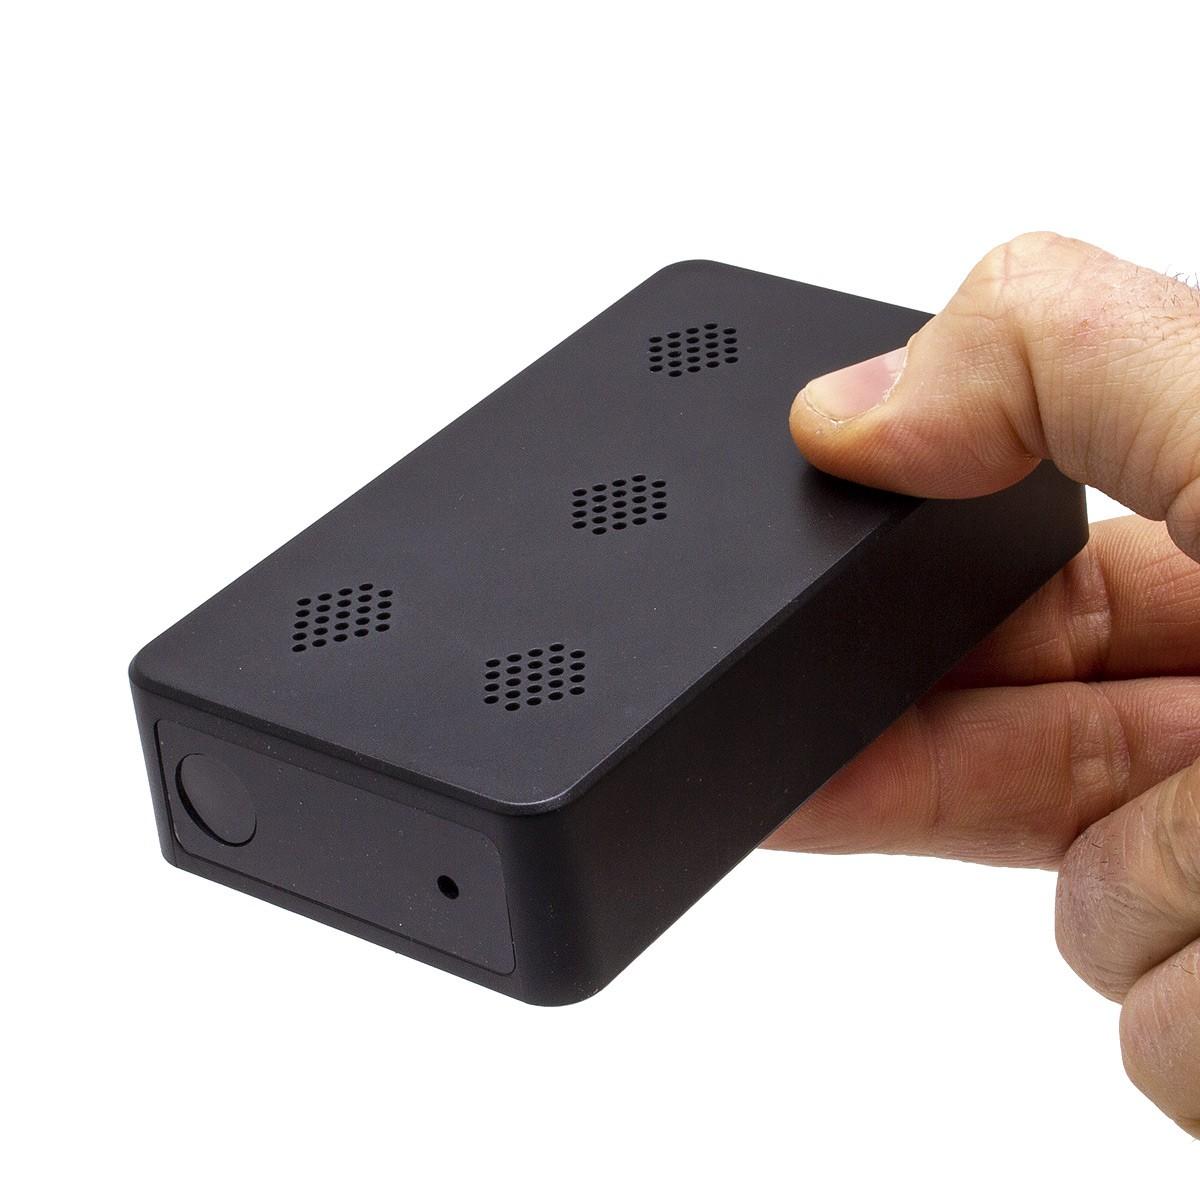 Micro caméra HD 1080P avec détection de mouvement PIR longue autonomie dans une boite noire